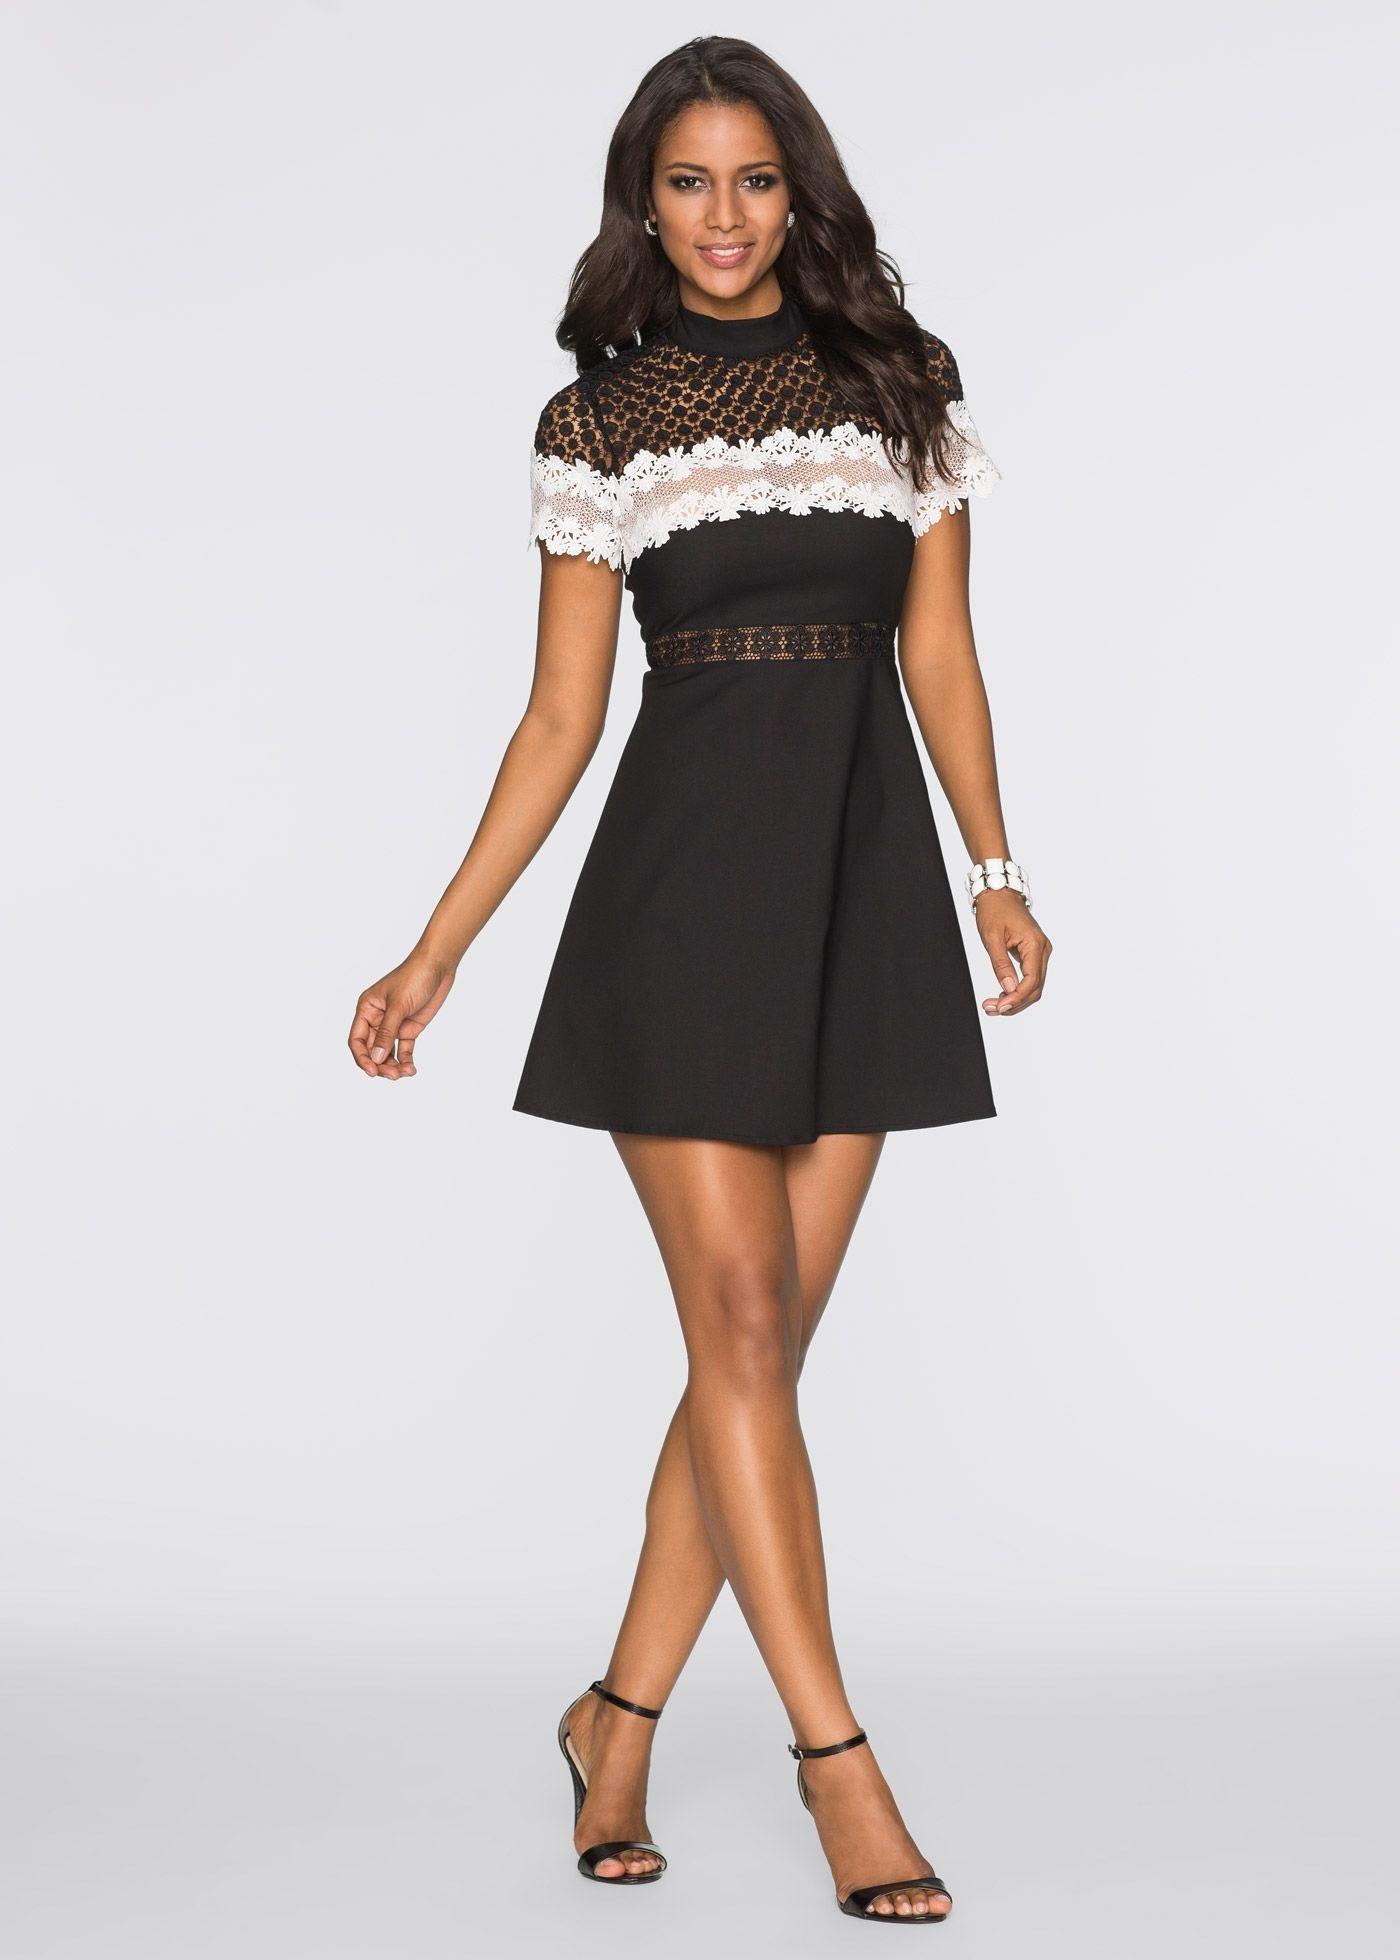 Abend Leicht Elegante Kleider Größe 40 VertriebDesigner Schön Elegante Kleider Größe 40 Vertrieb